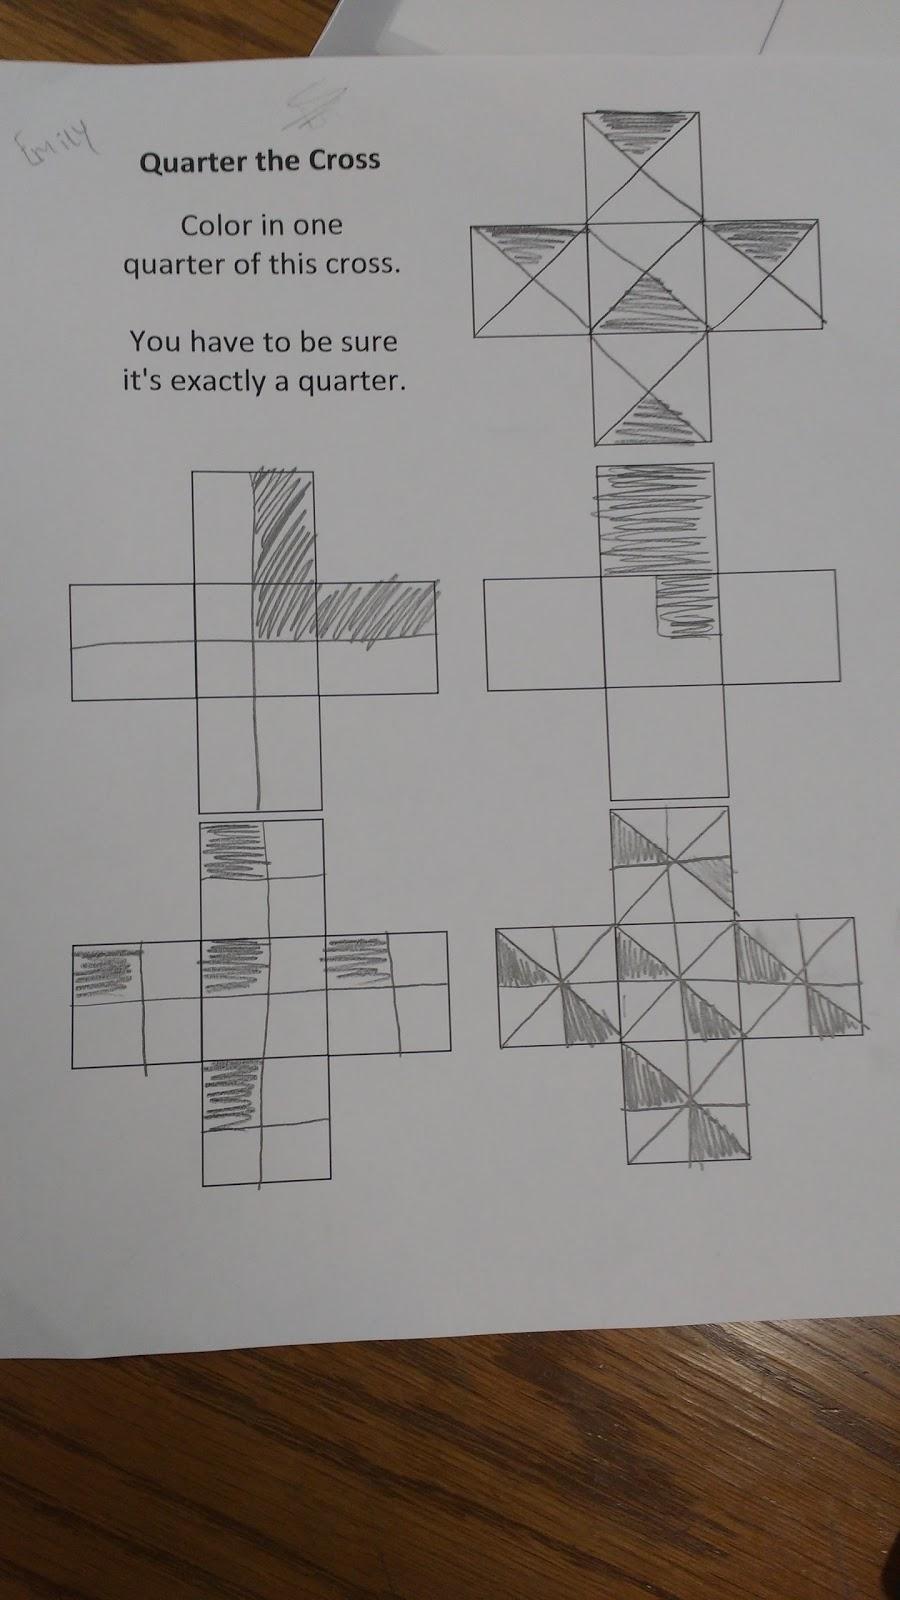 Math = Love: Quarter the Cross